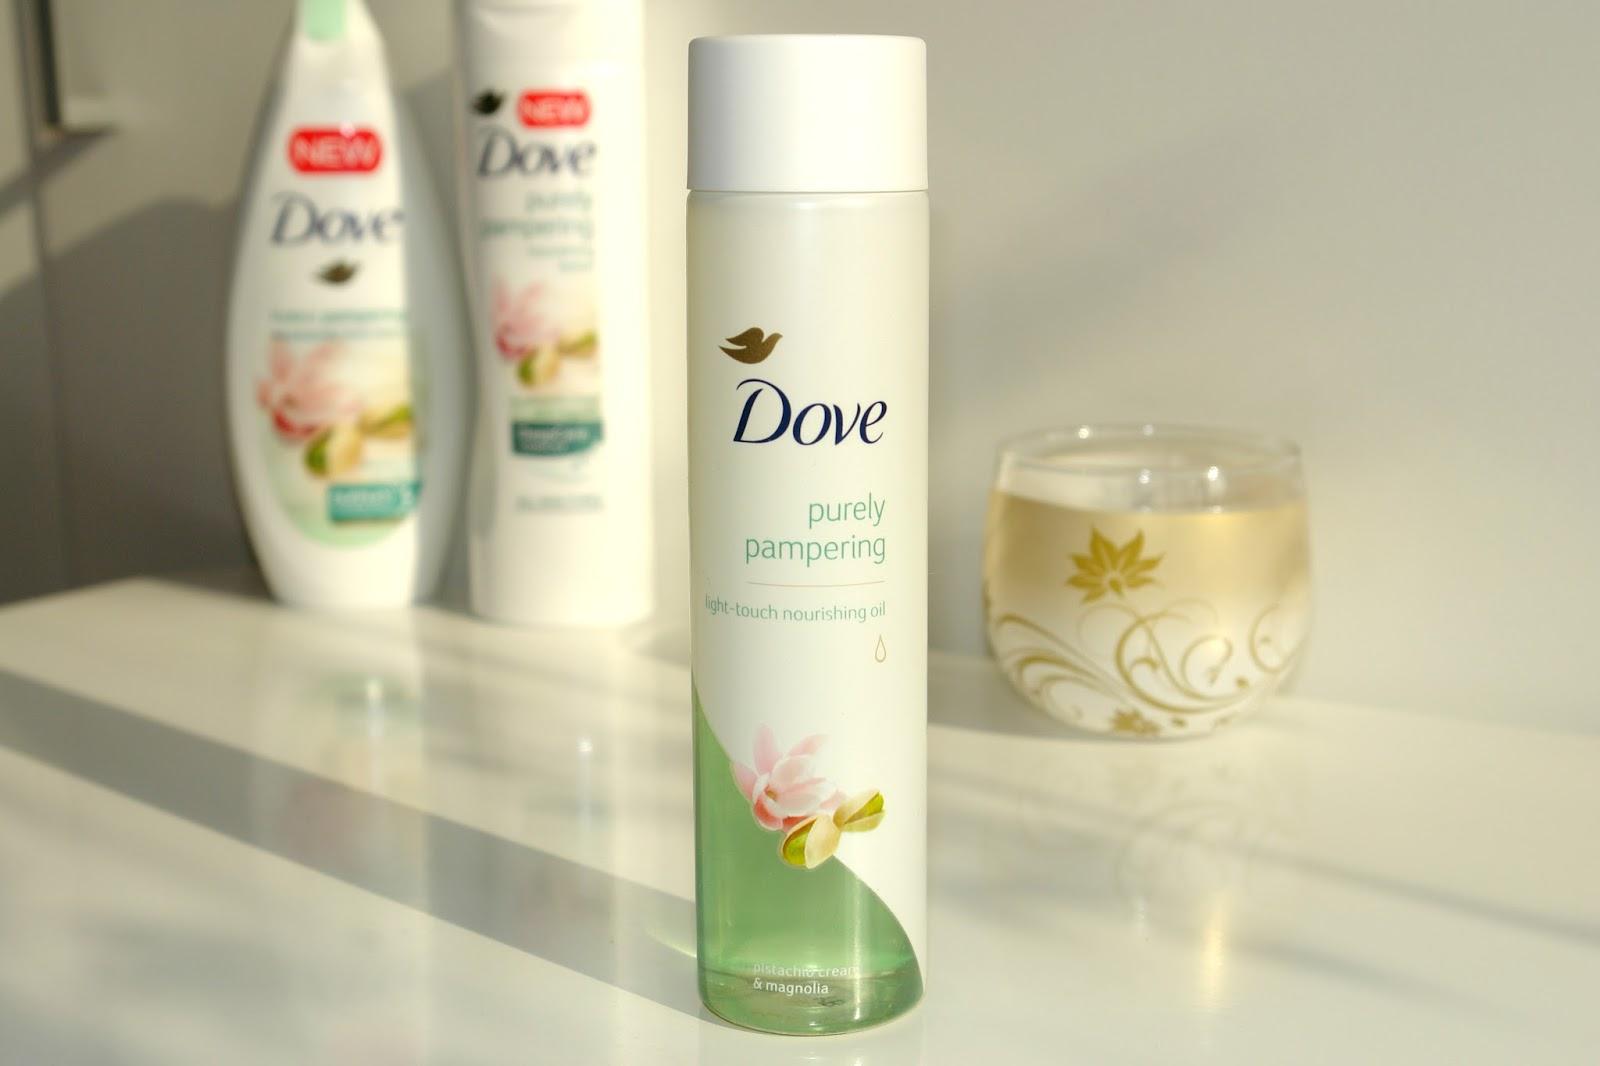 New Dove Body Oil in Pistachio Cream & Magnolia, Dove, review, beauty, body care, blogger